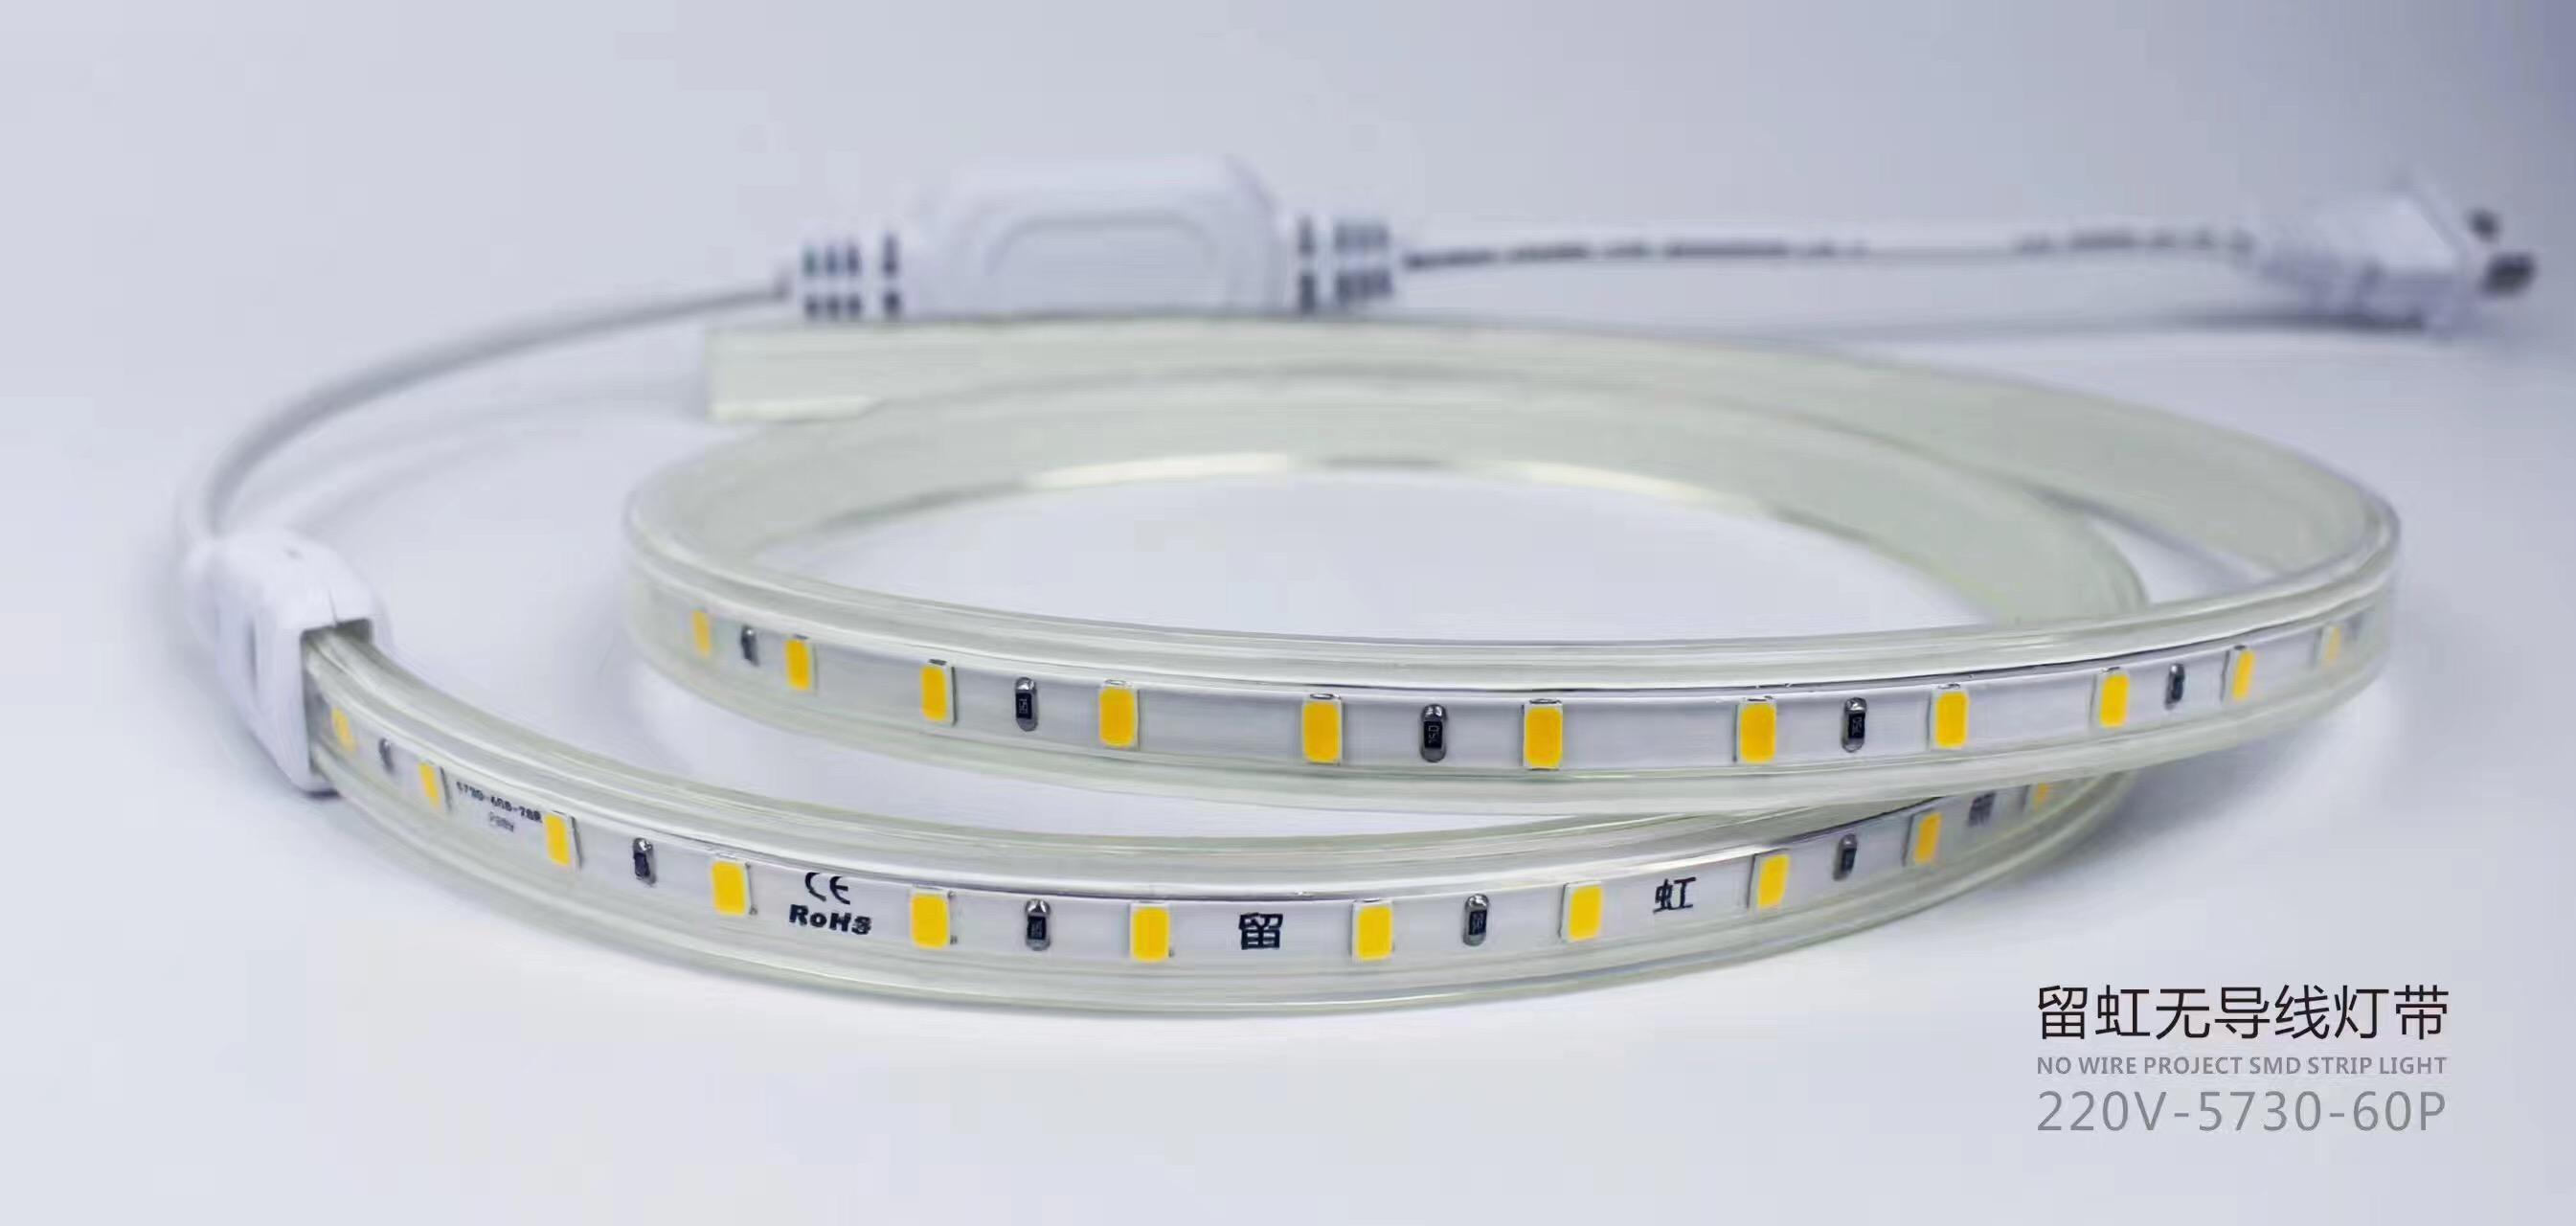 5730-60无导线灯带